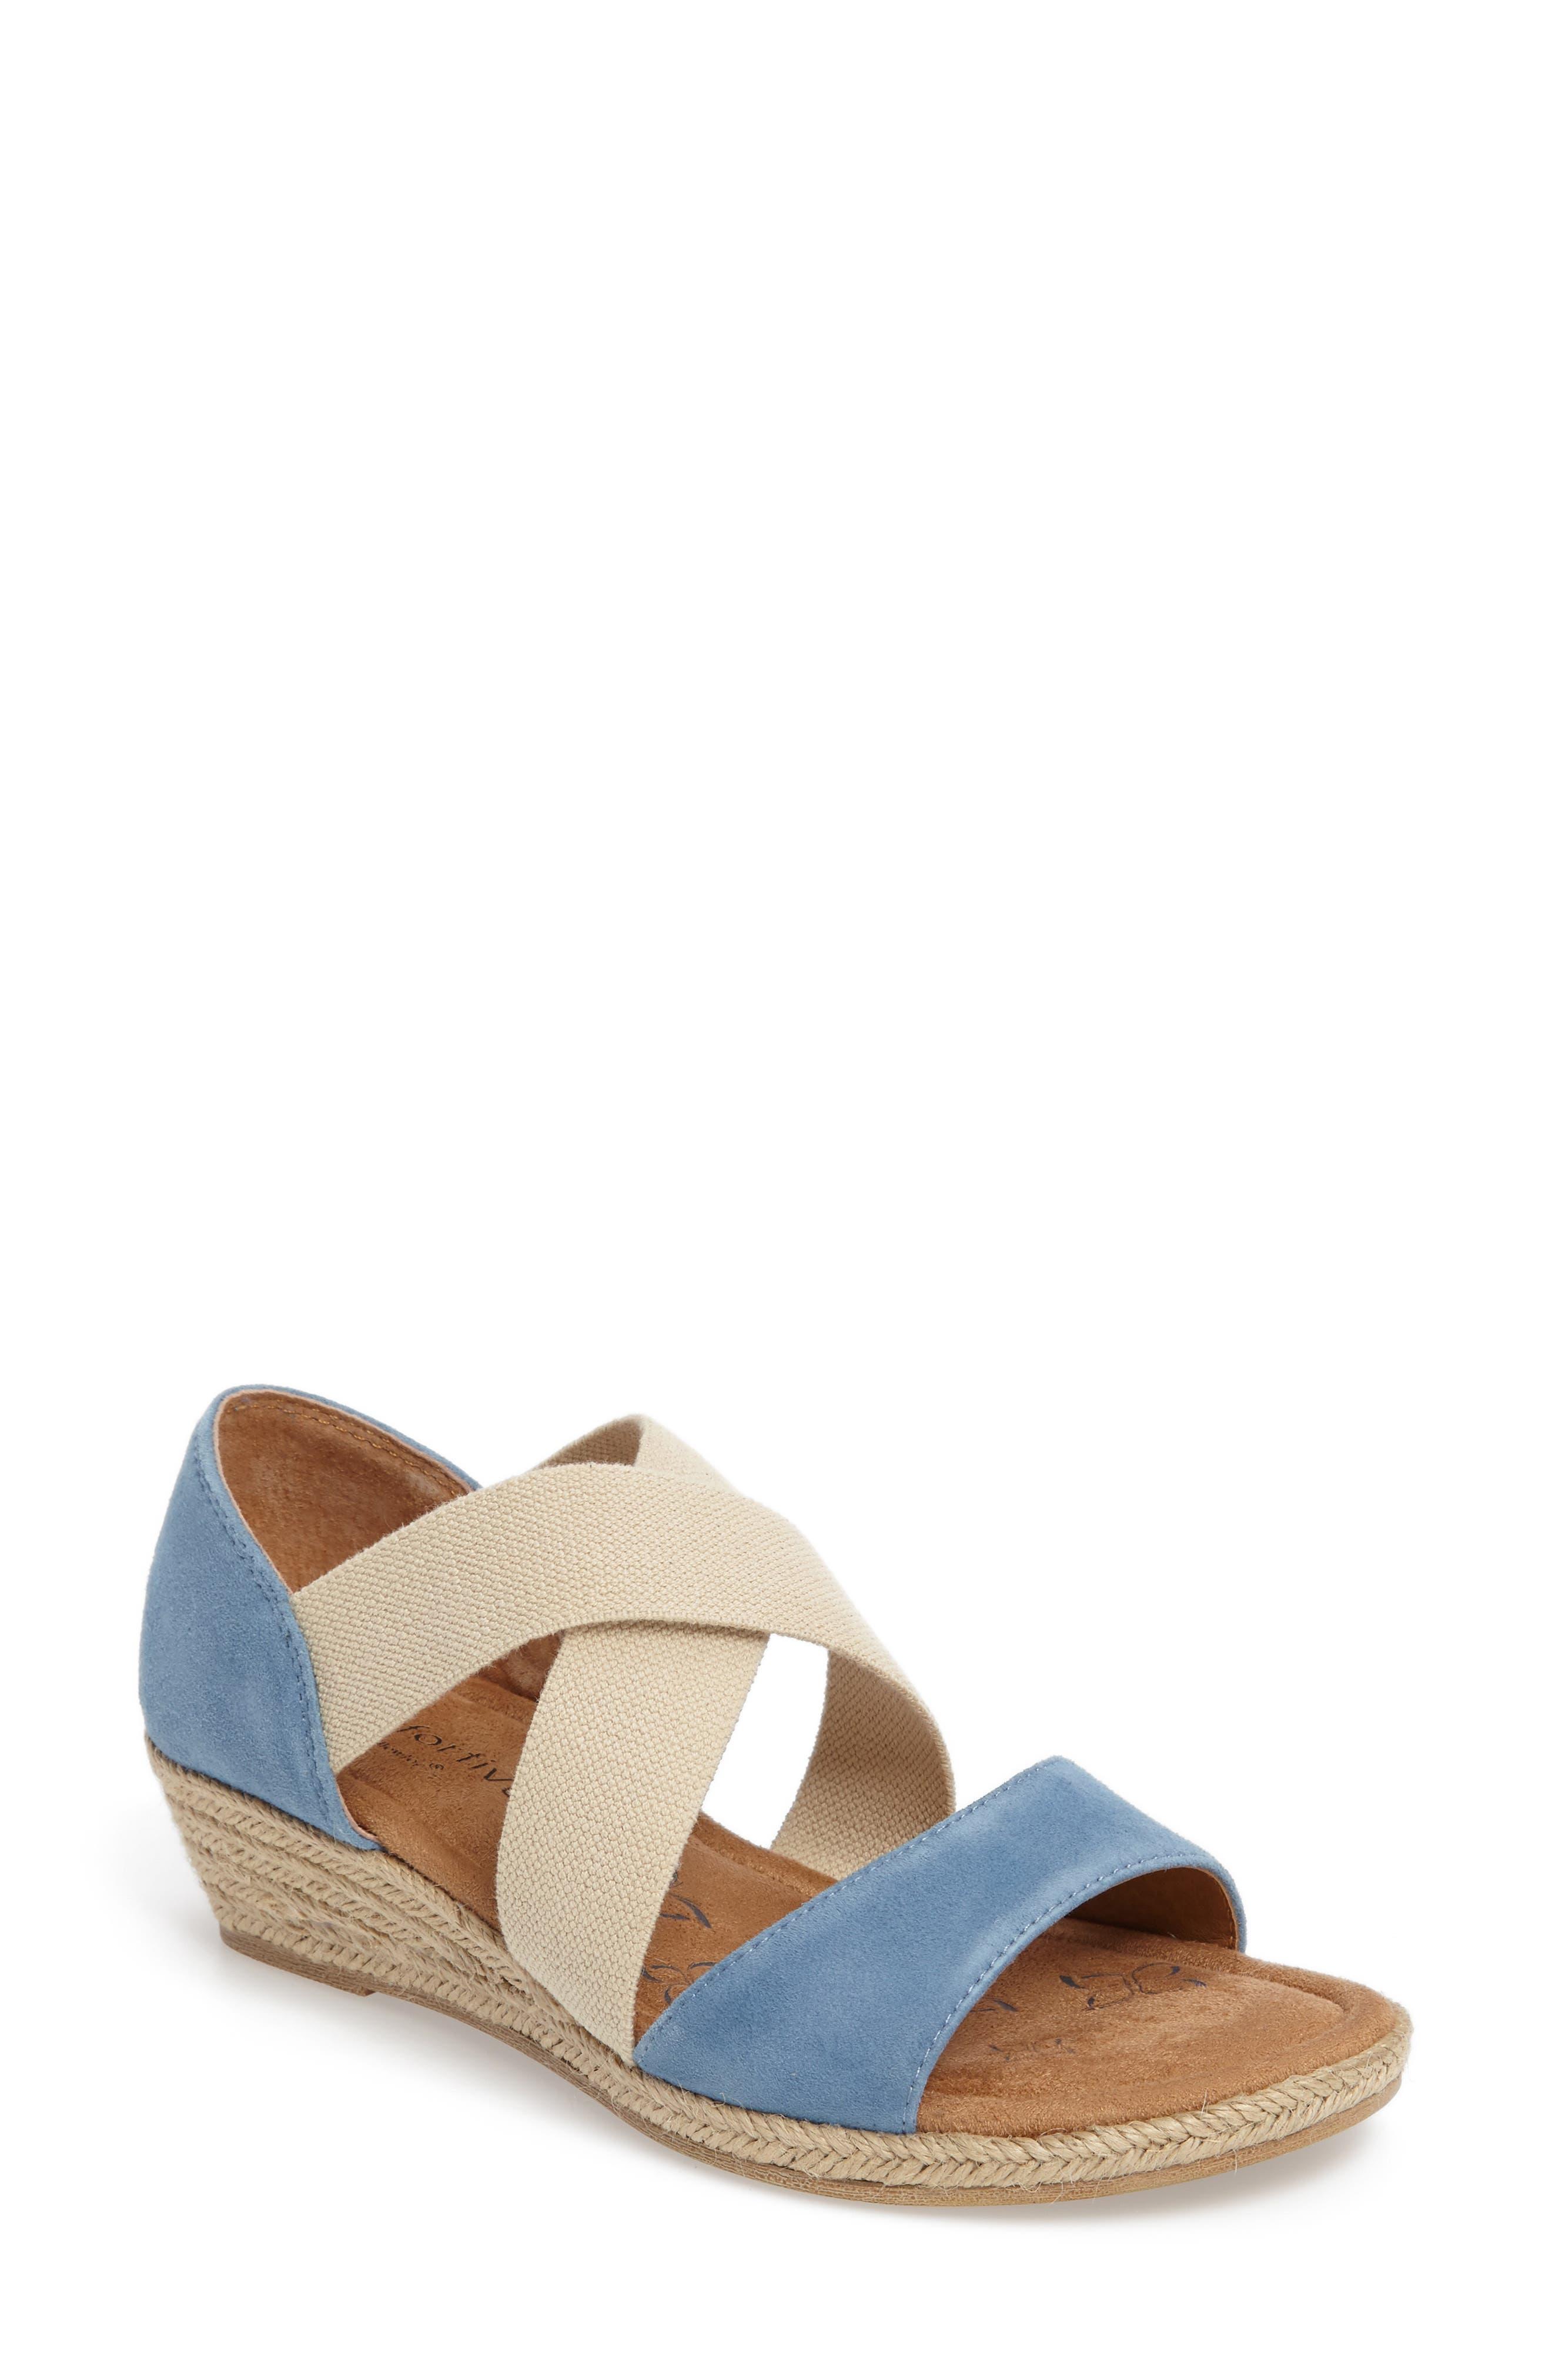 Brye Espadrille Sandal,                         Main,                         color, Pale Blue Suede